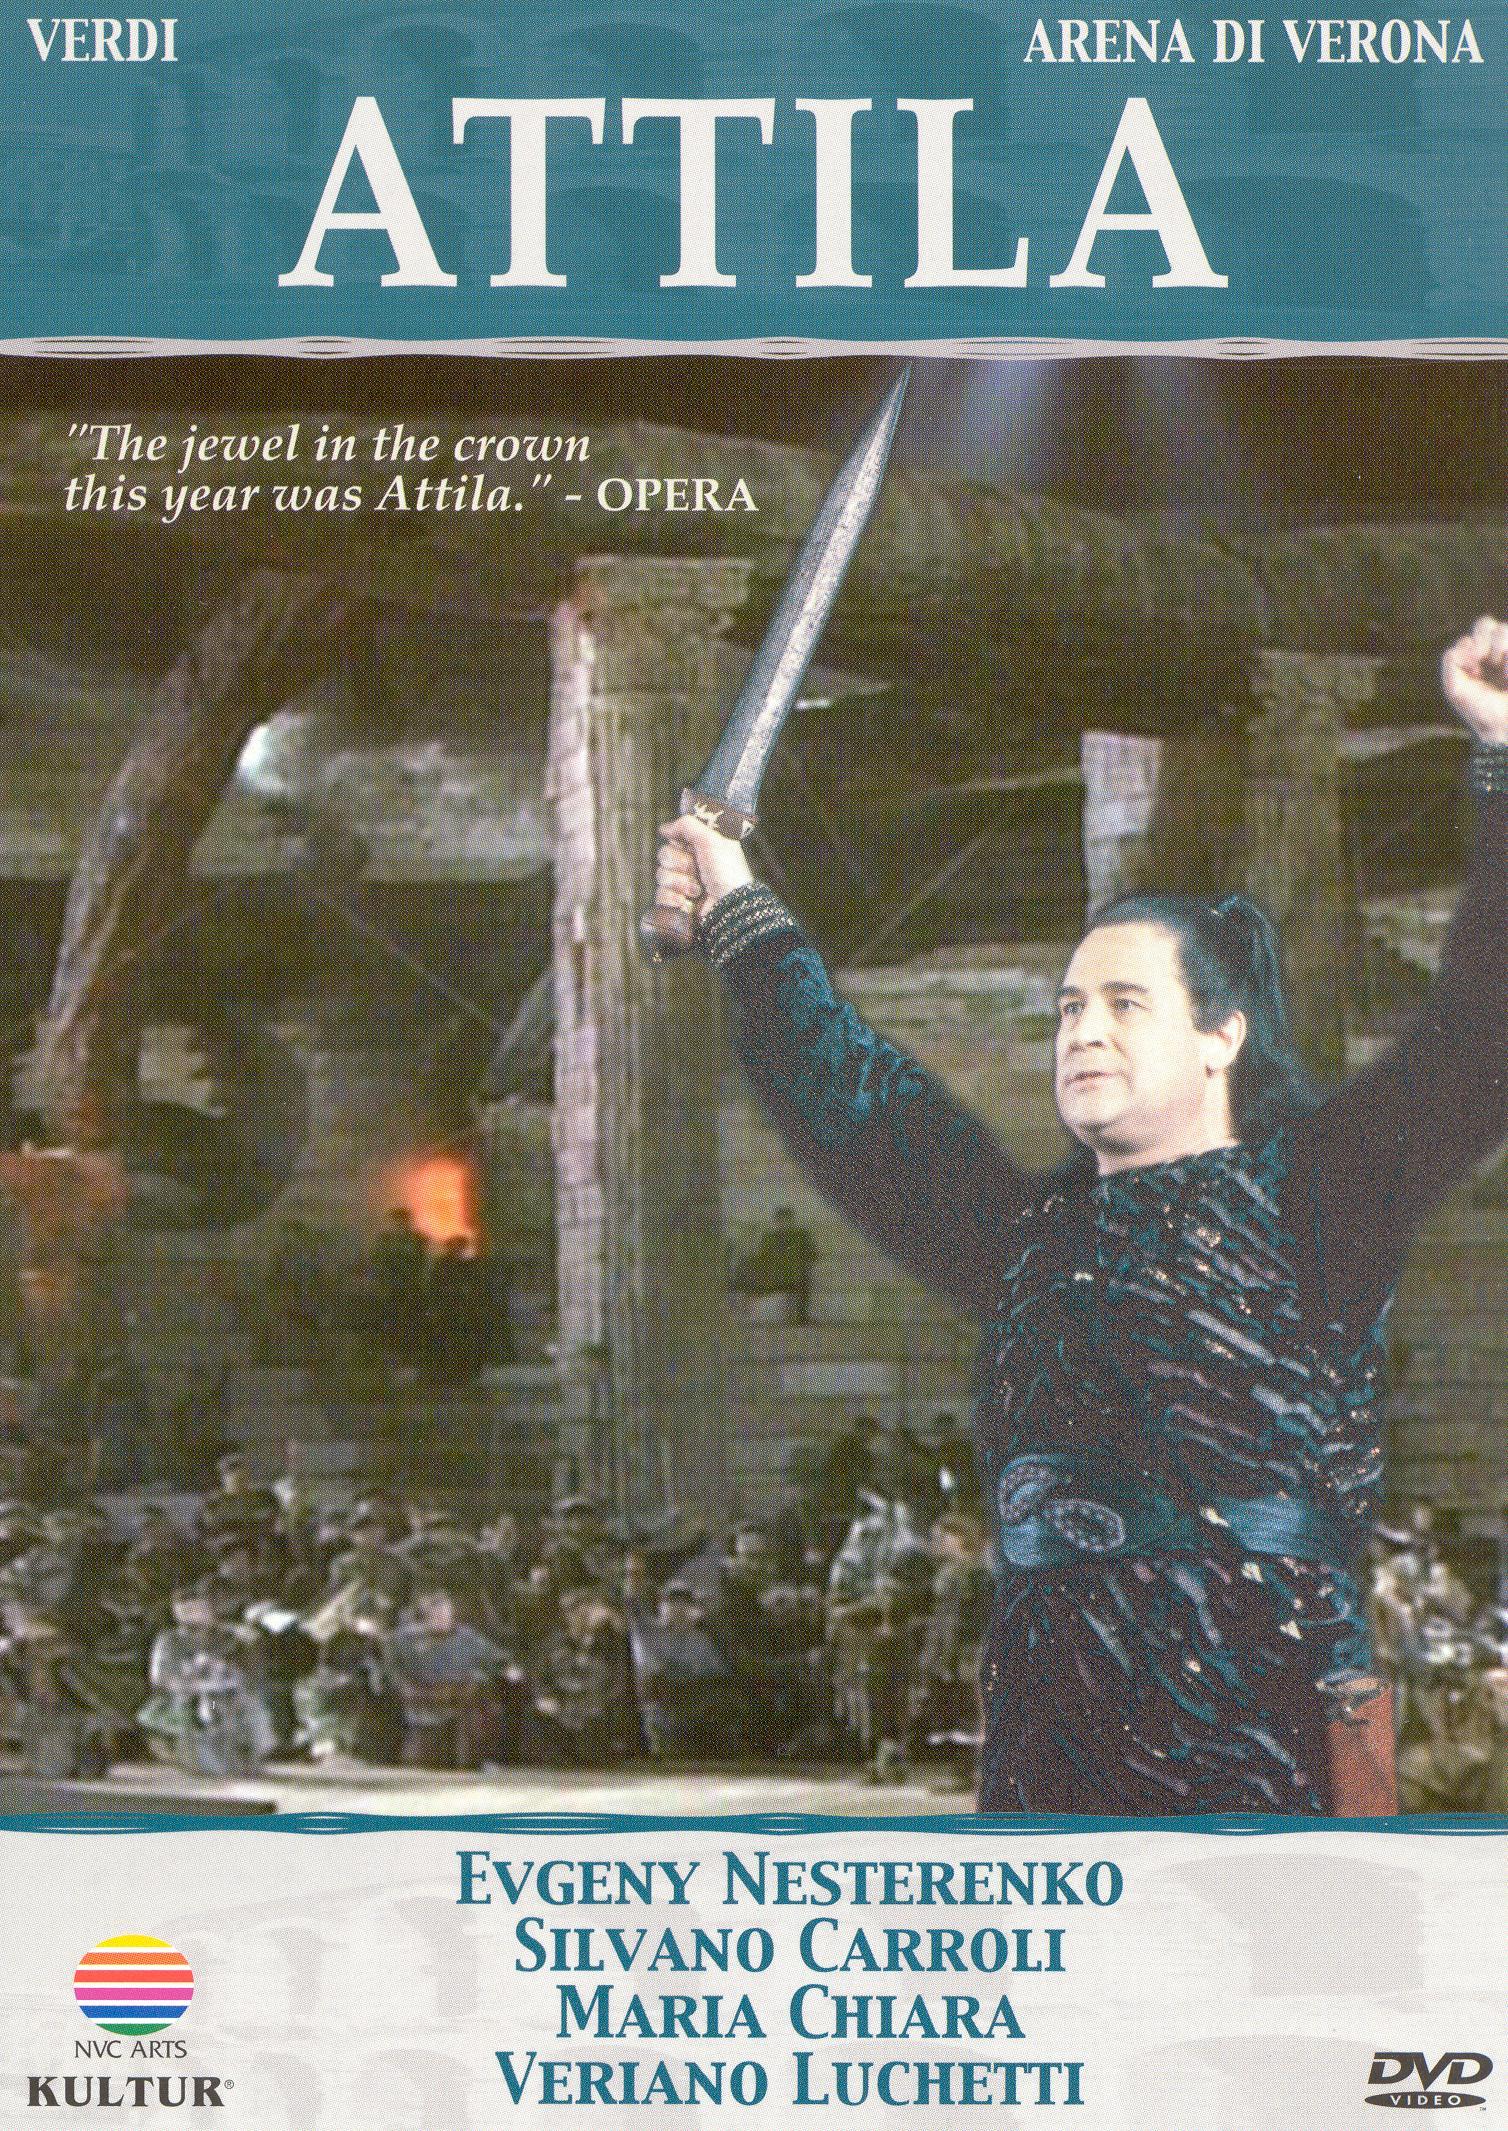 Attila (Arena Di Verona)